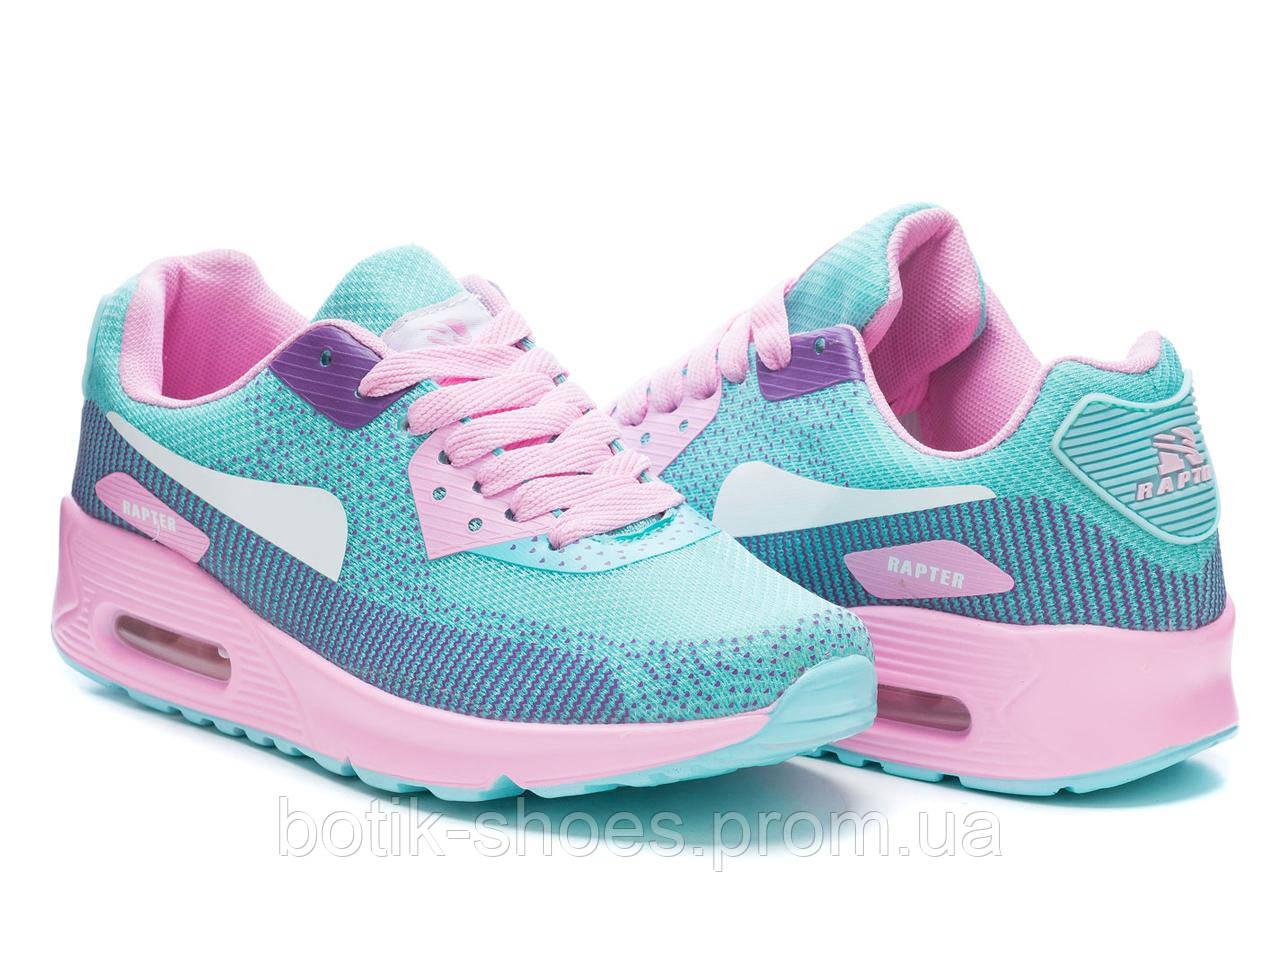 1c64e5b3 Легендарные женские кроссовки Nike Air Max 90 Найк Аир Макс 90, голубые  копия Rapter -